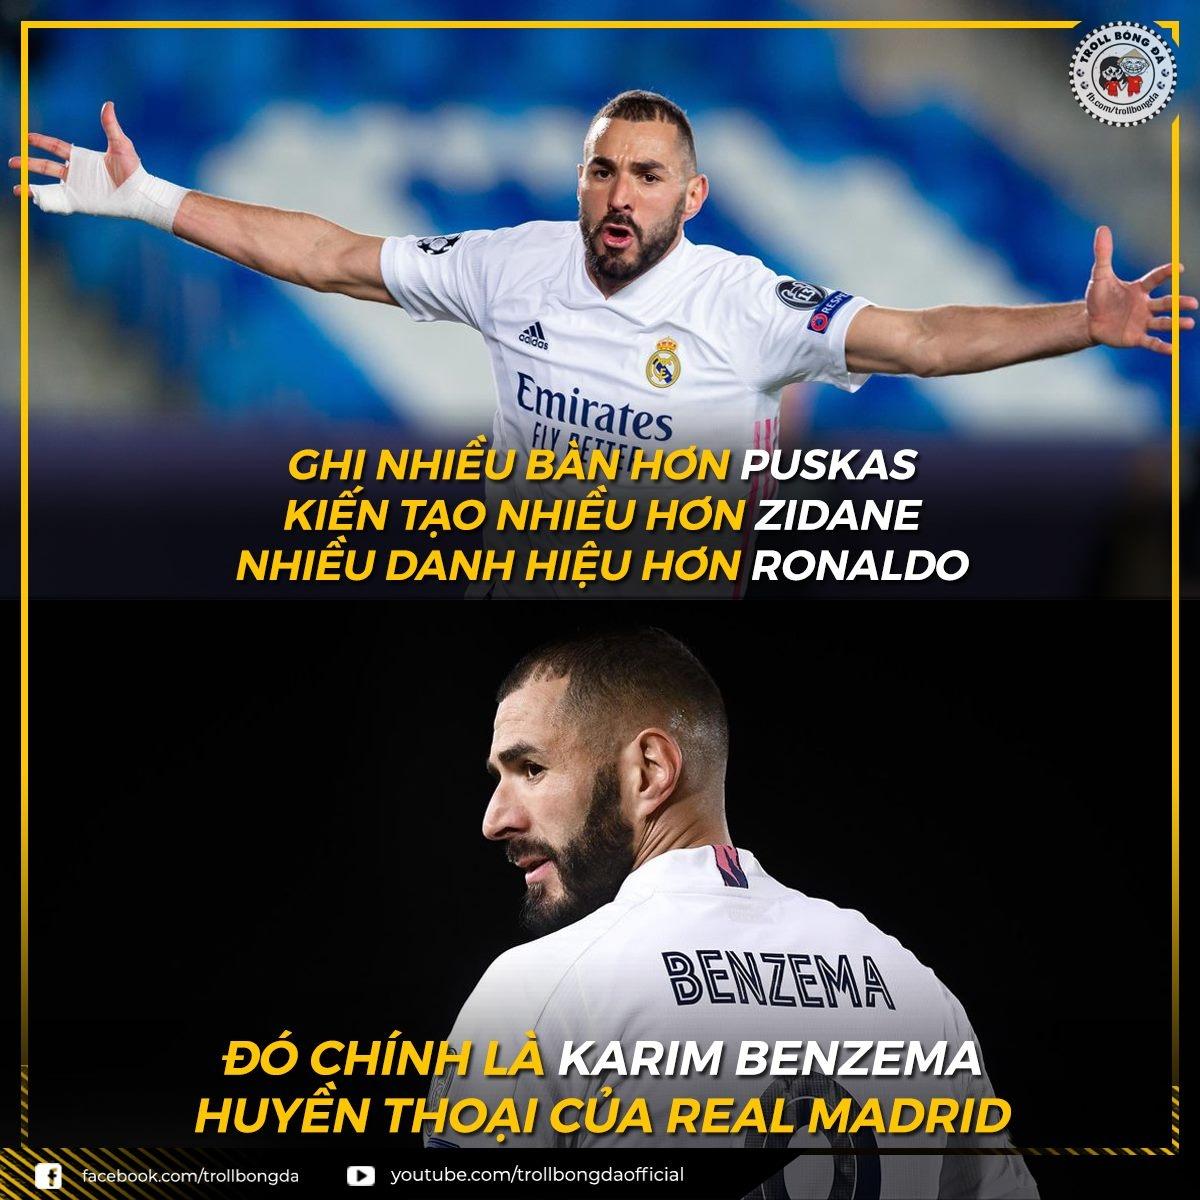 Biếm họa 24h: Benzema xứng đáng là huyền thoại của Real Madrid - Ảnh 2.